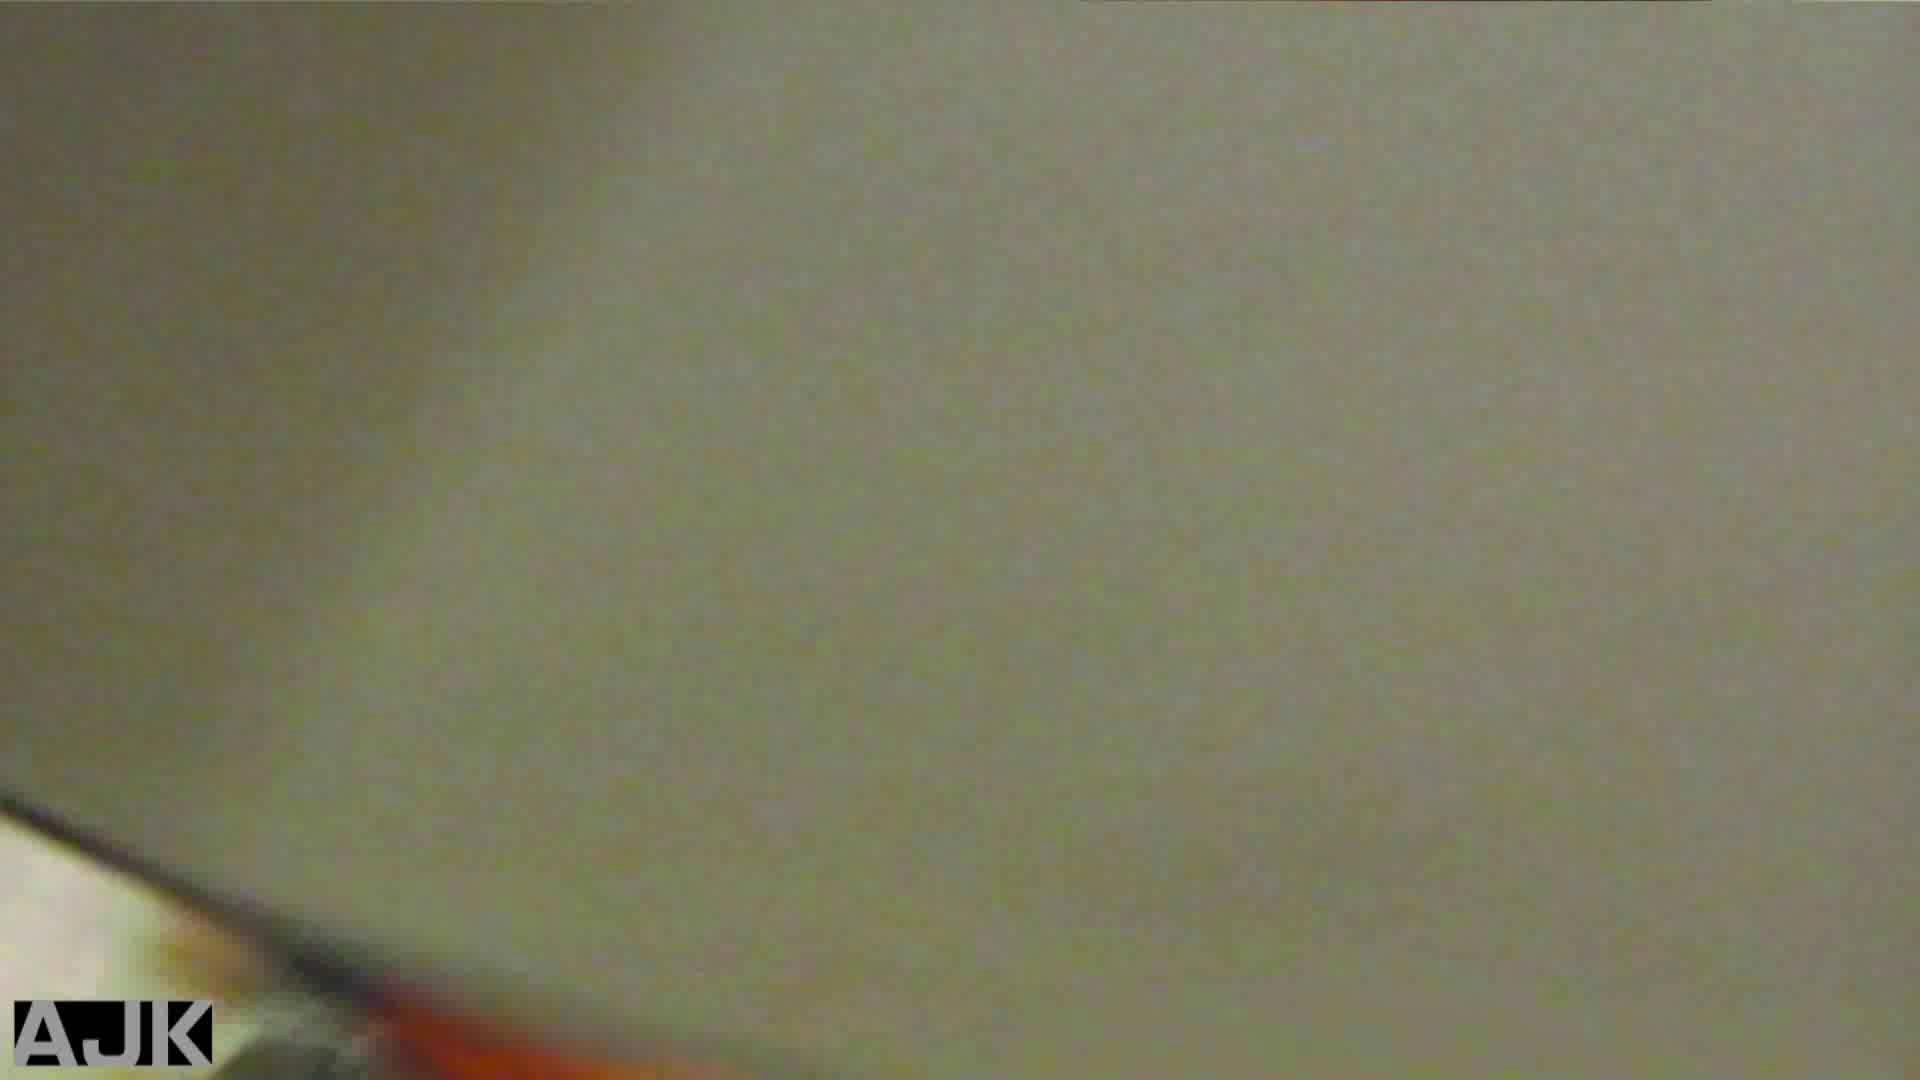 隣国上階級エリアの令嬢たちが集うデパートお手洗い Vol.19 便器 オマンコ動画キャプチャ 99枚 31